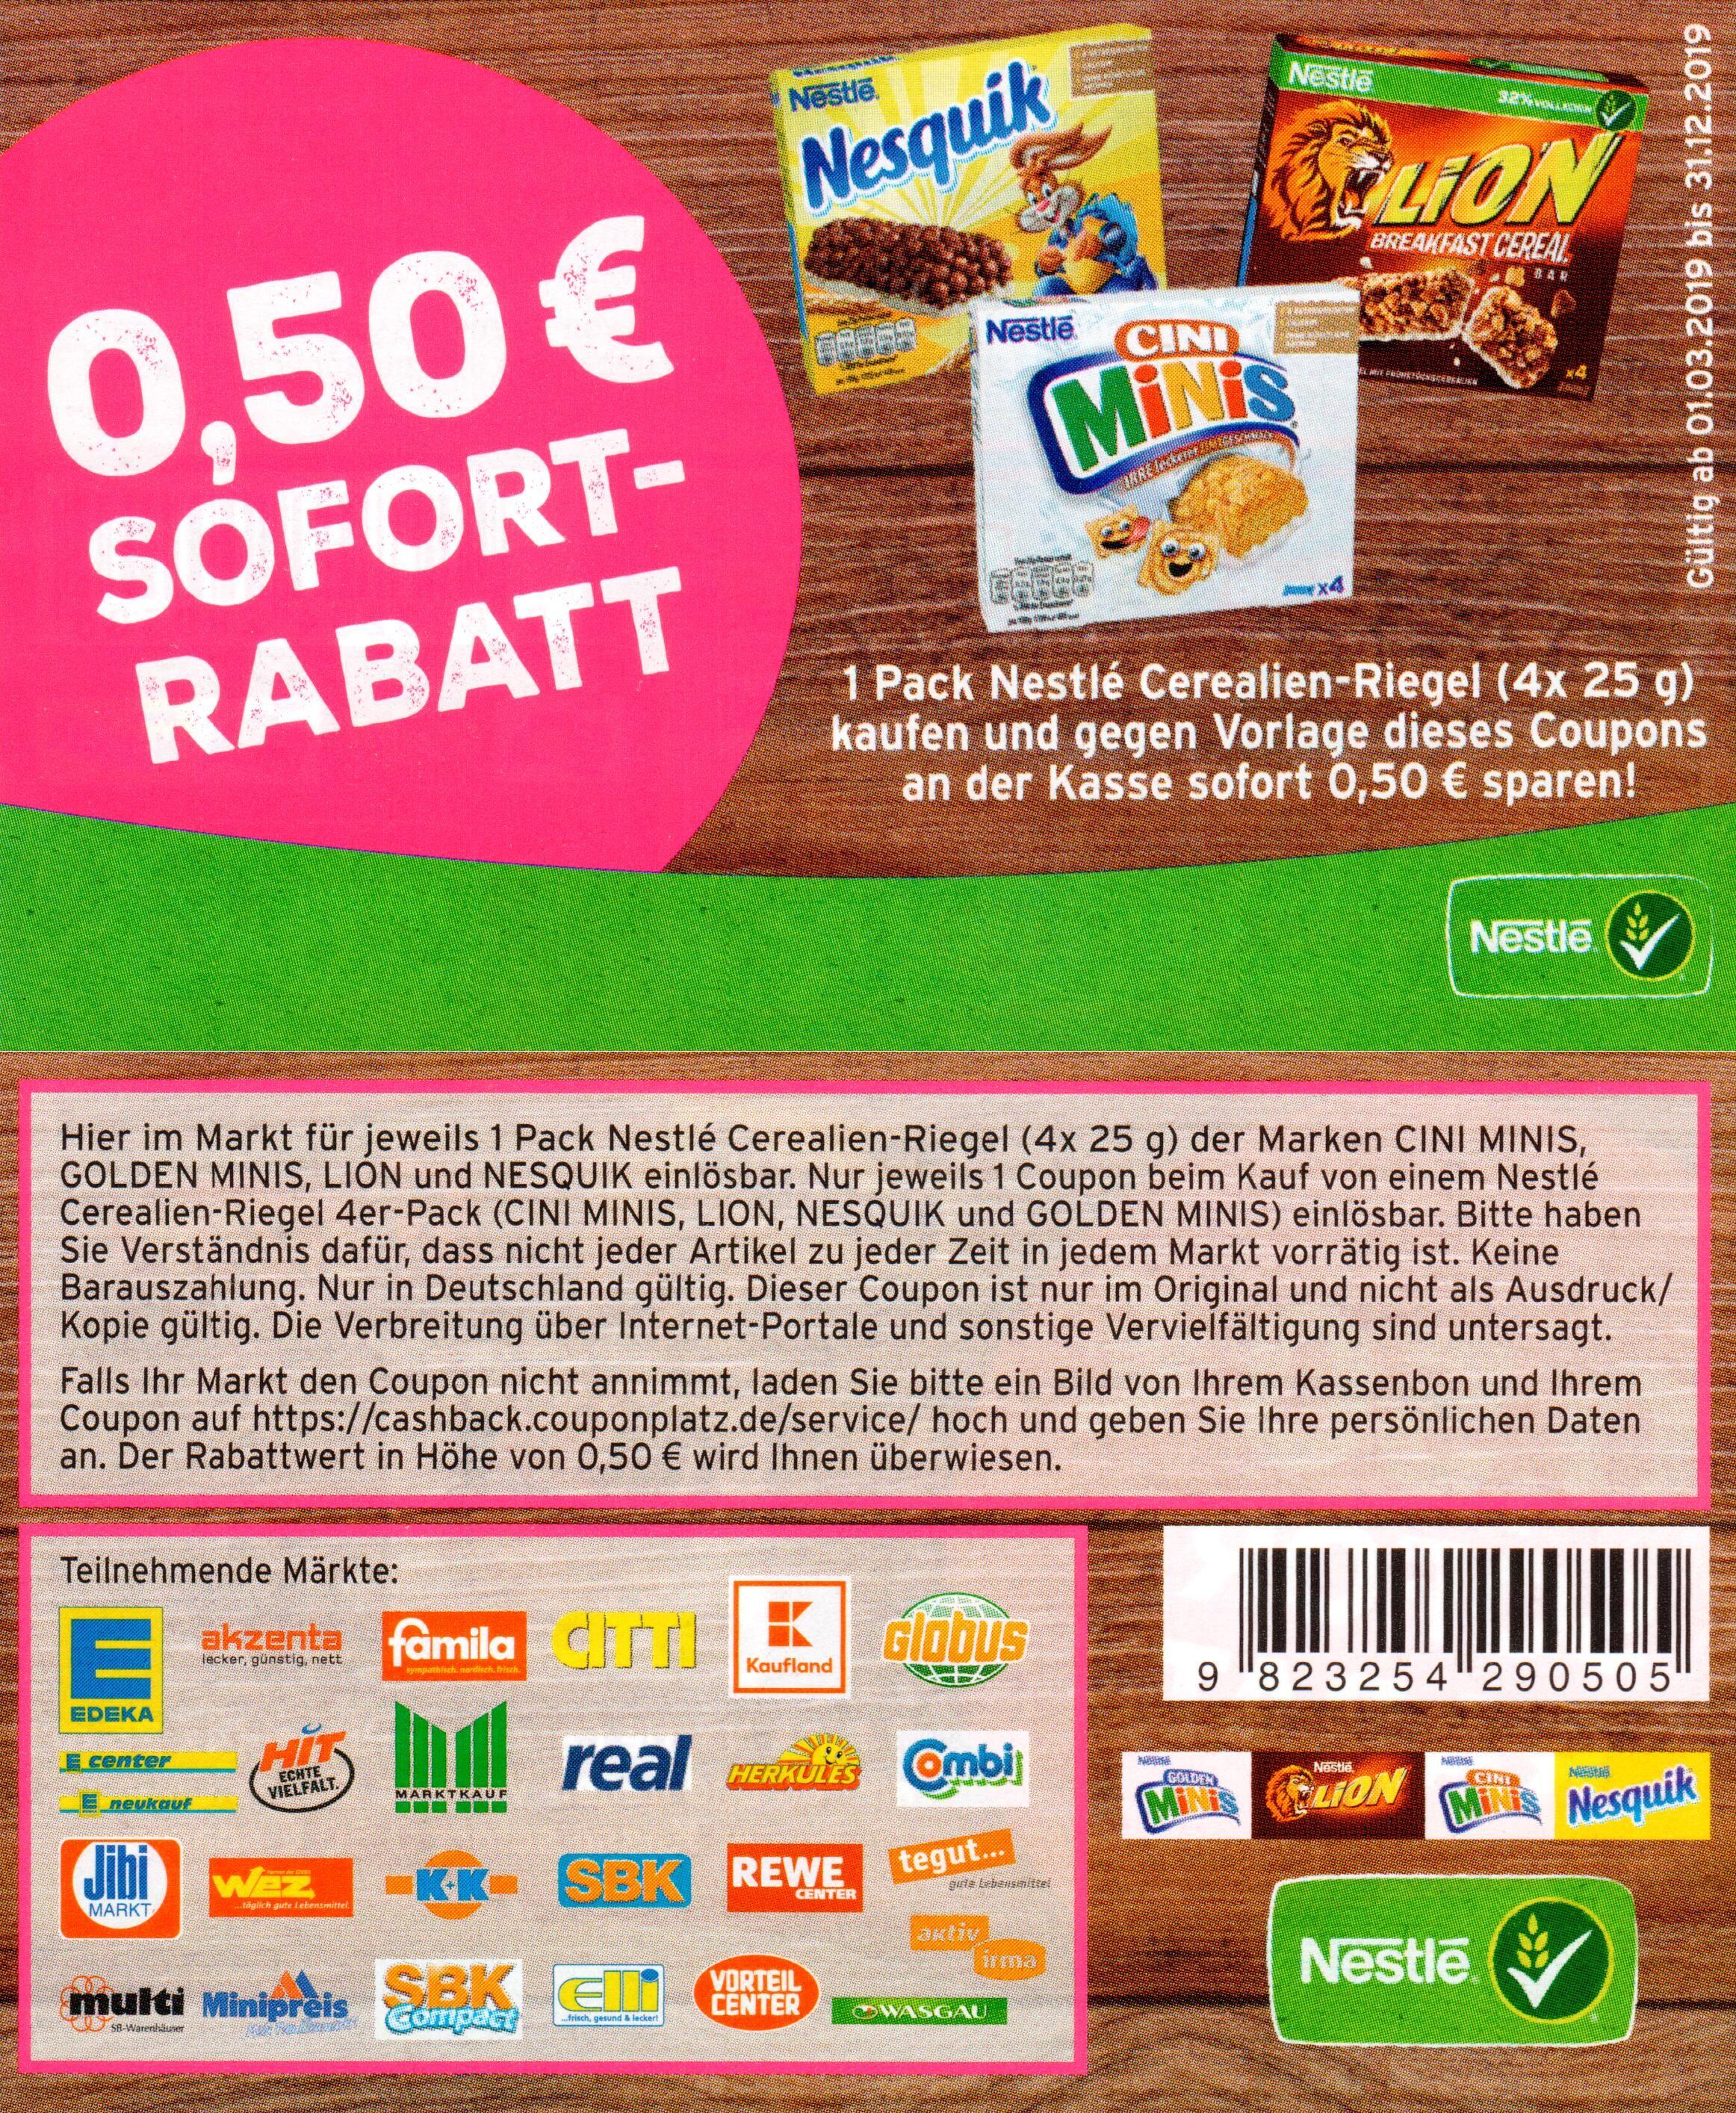 0,50€ Sofort-Rabatt Coupon für den Kauf einer Packung Nestlé Cerealien-Riegel bis zum 31.12.2019